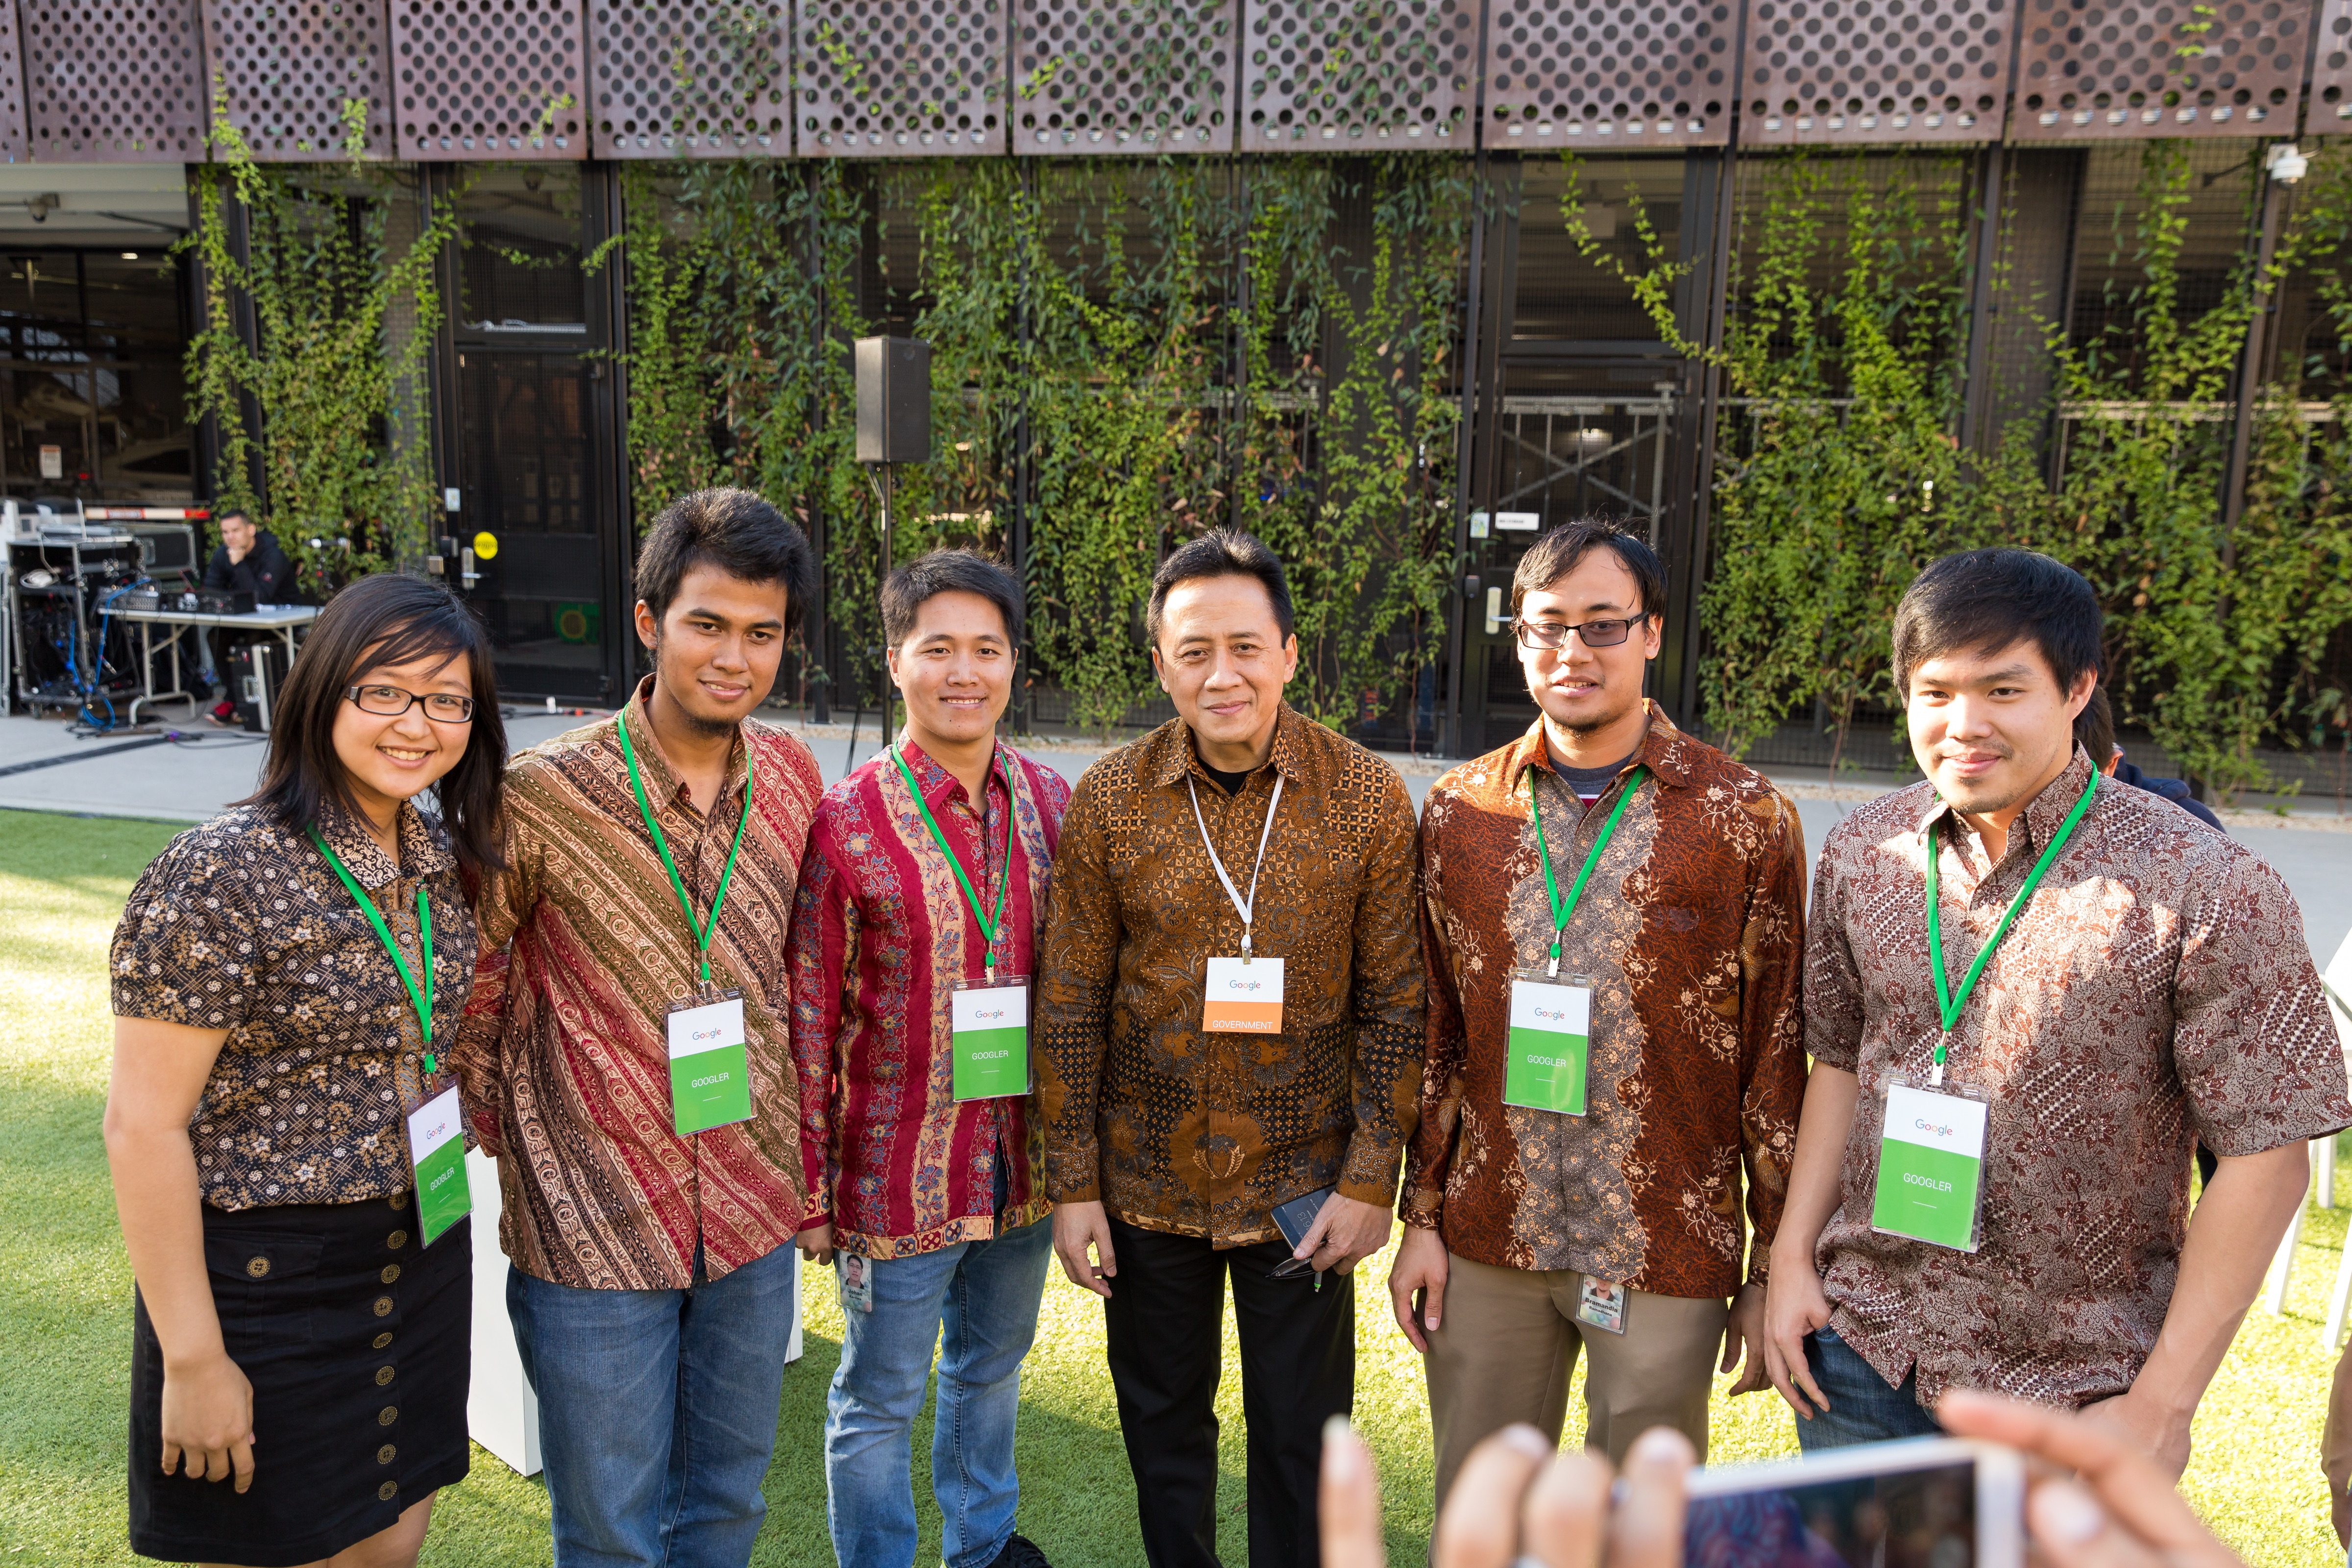 Indo delegation visit to SV - 105 of 115